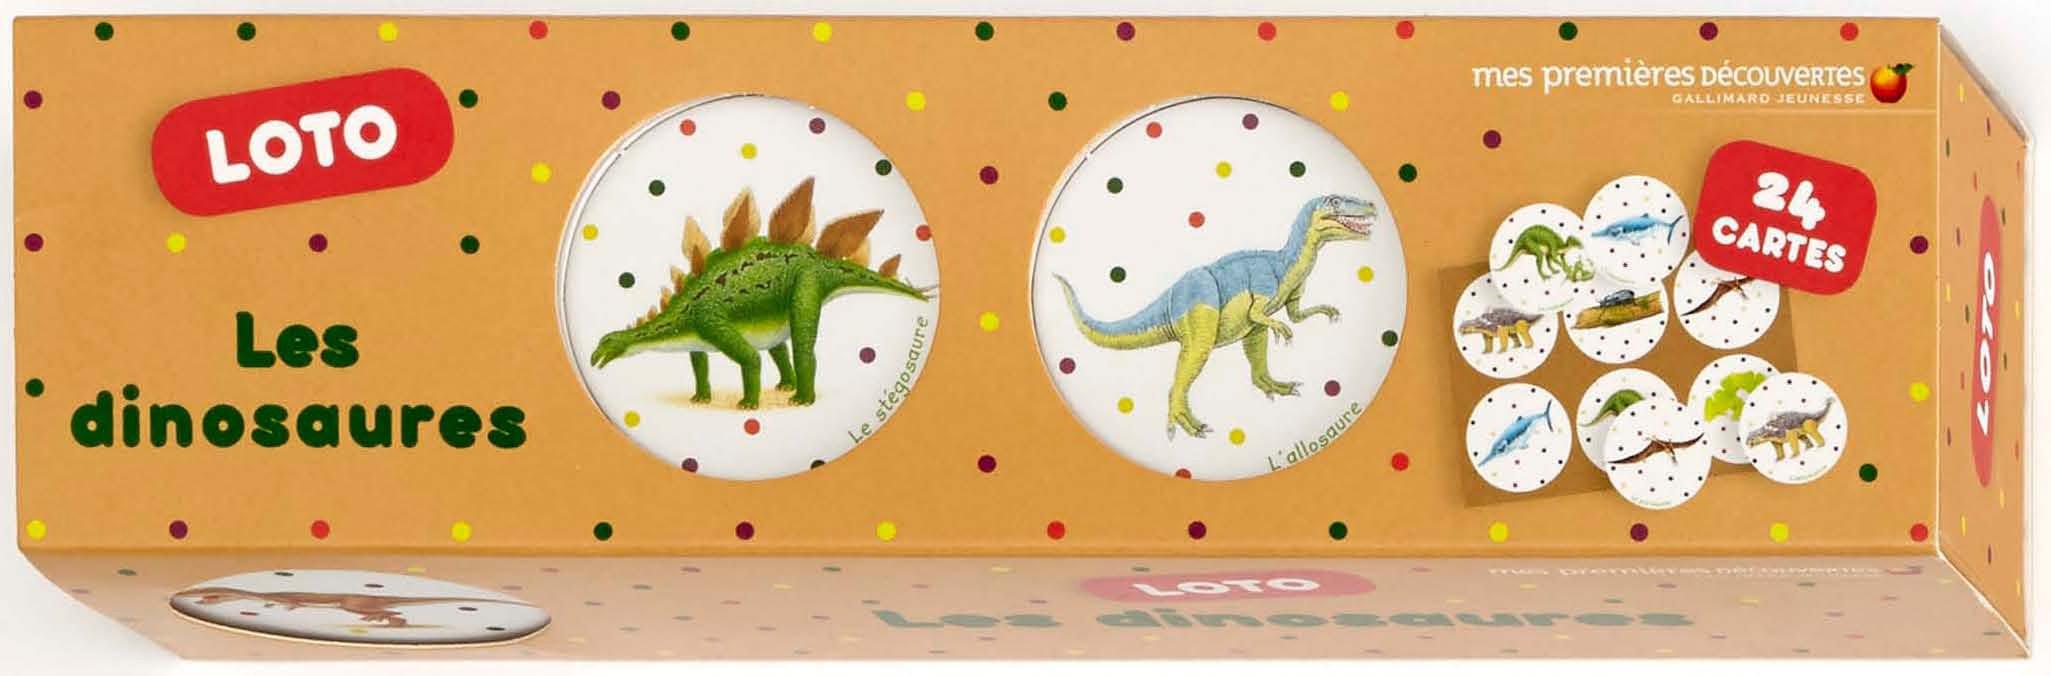 Les dinosaures: Loto Poche – 11 février 2016 Collectif Mes Premières Découvertes B0155YWFCG Documentaire / Encyclopédie